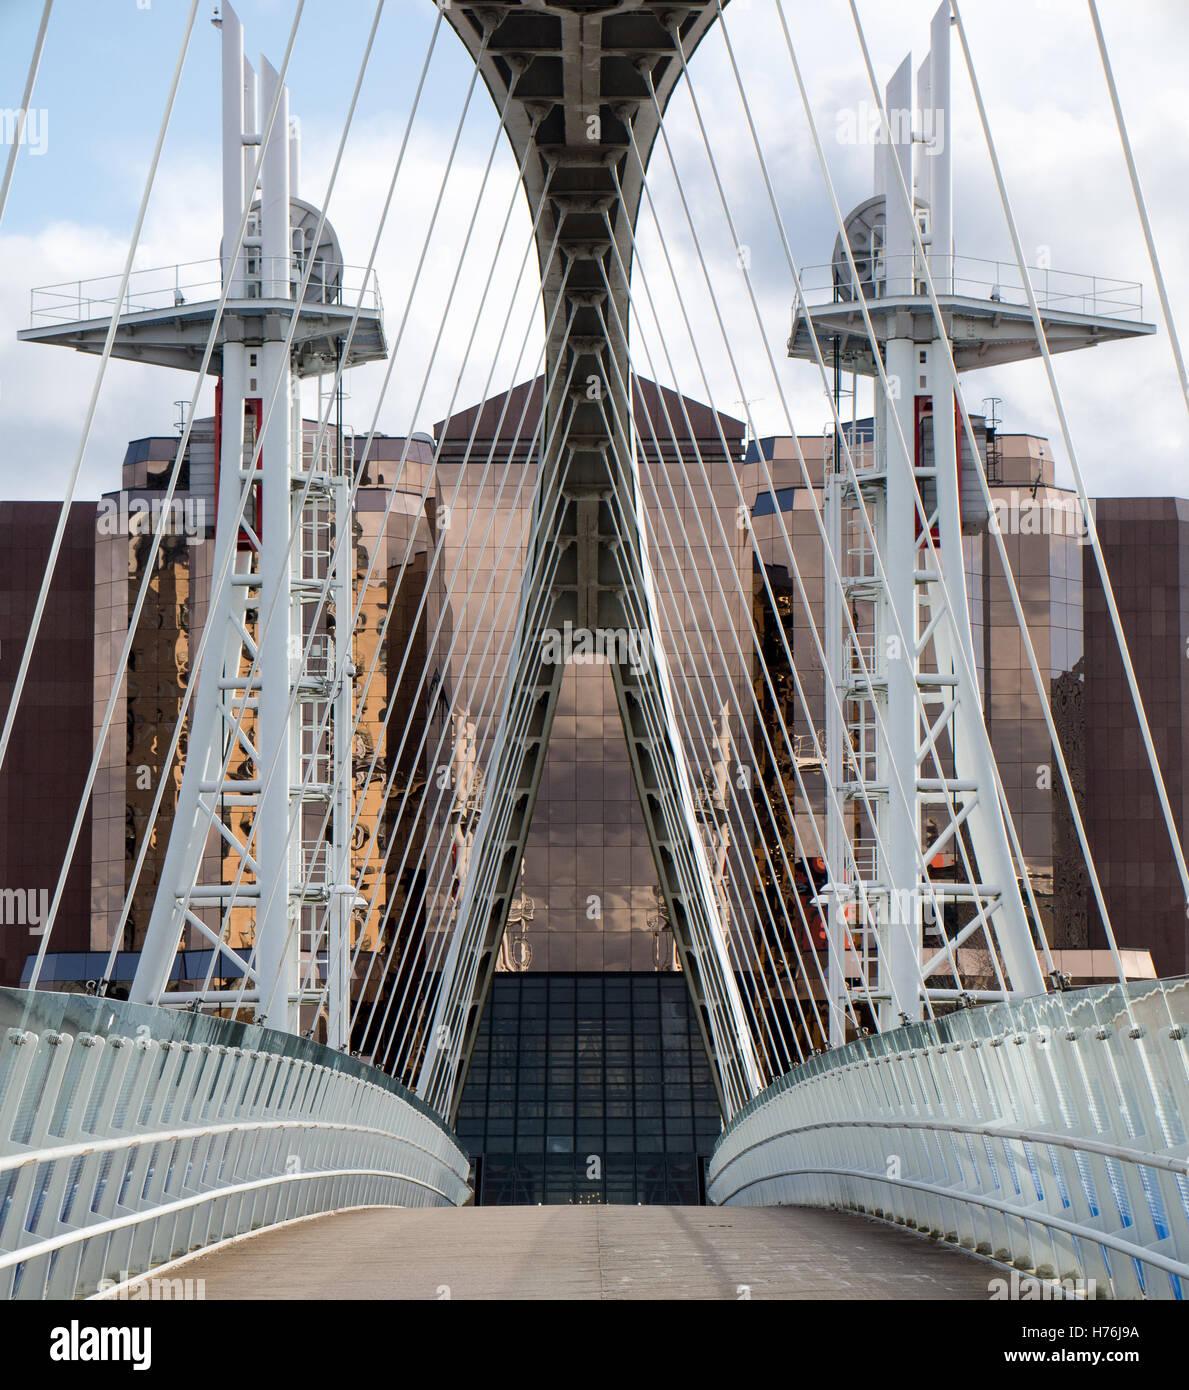 Salford Quays Millennium Lift Bridge - Stock Image